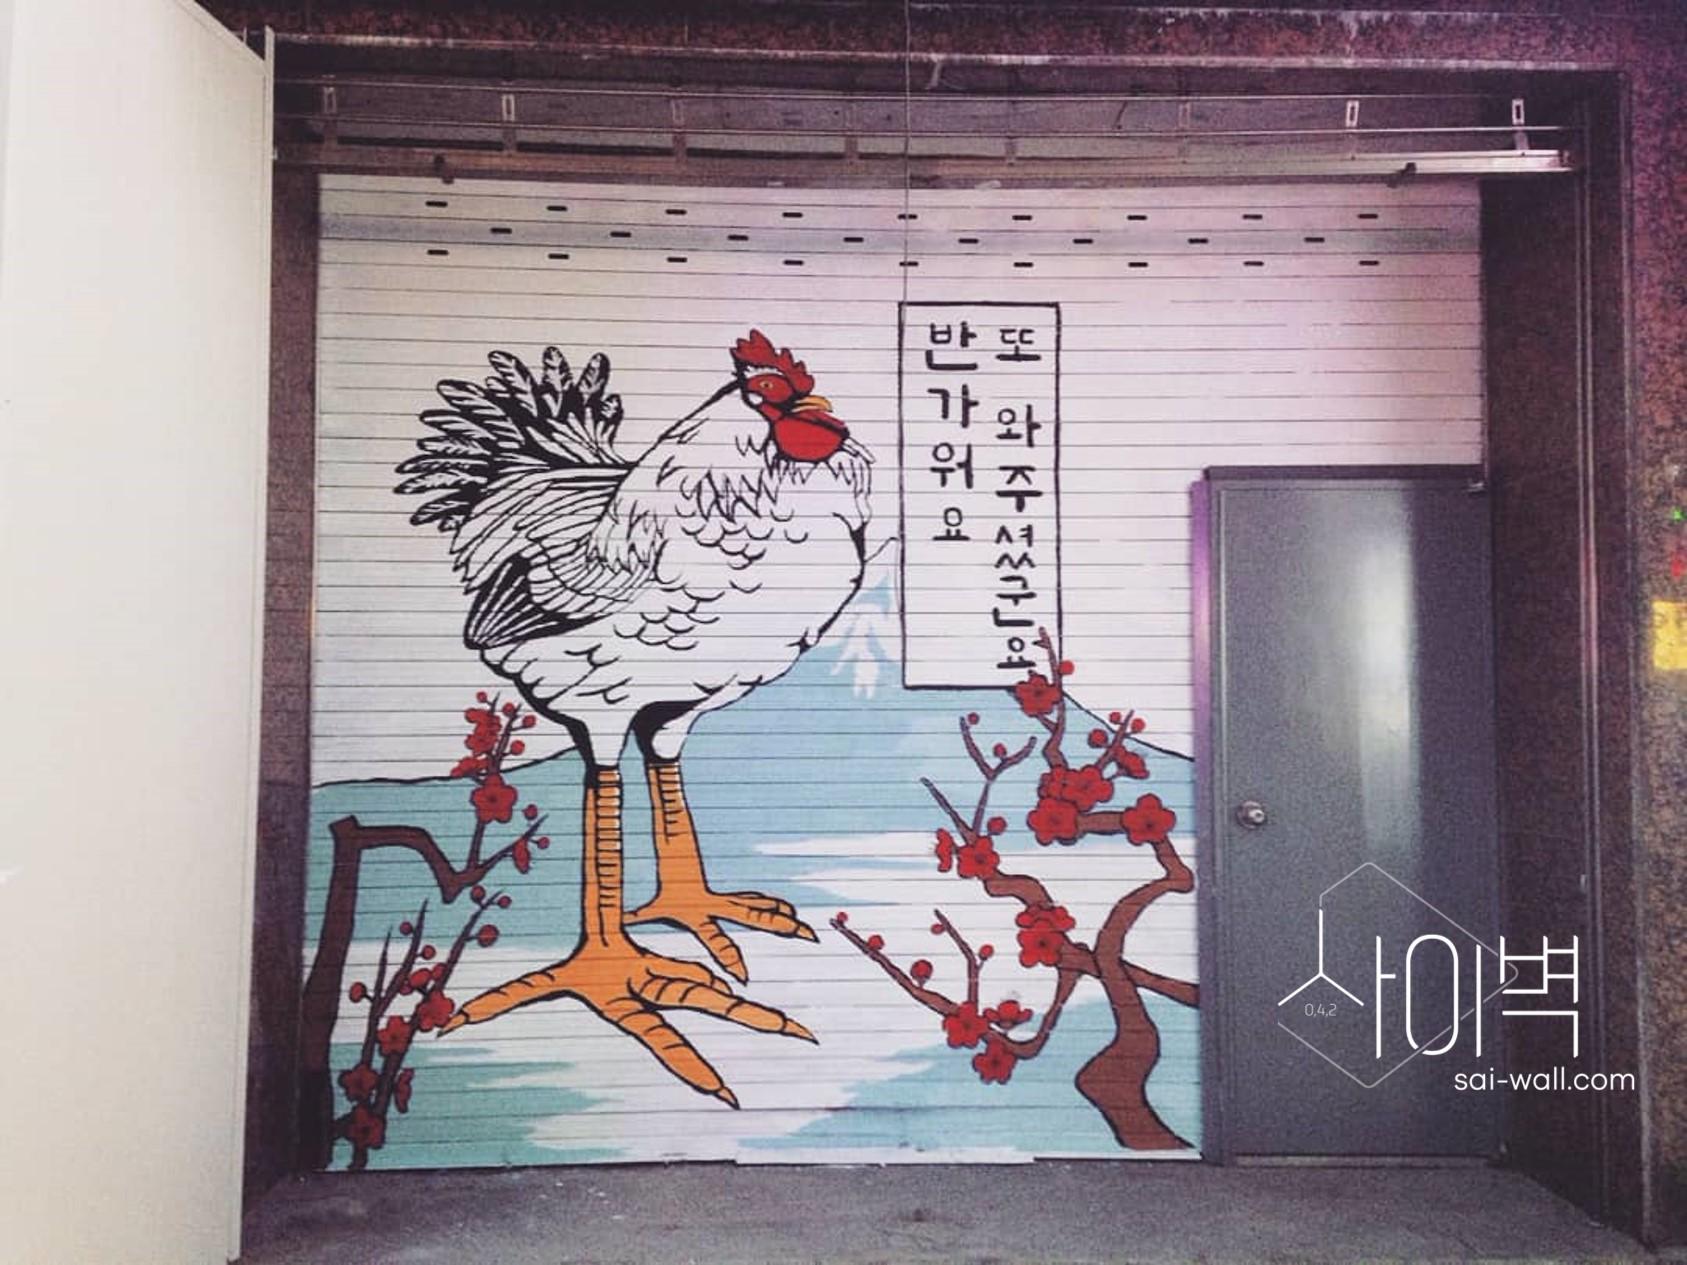 인테리어벽화_실내인테리어_실내벽화_닭갈비인테리어_인덕원닭갈비 (2)